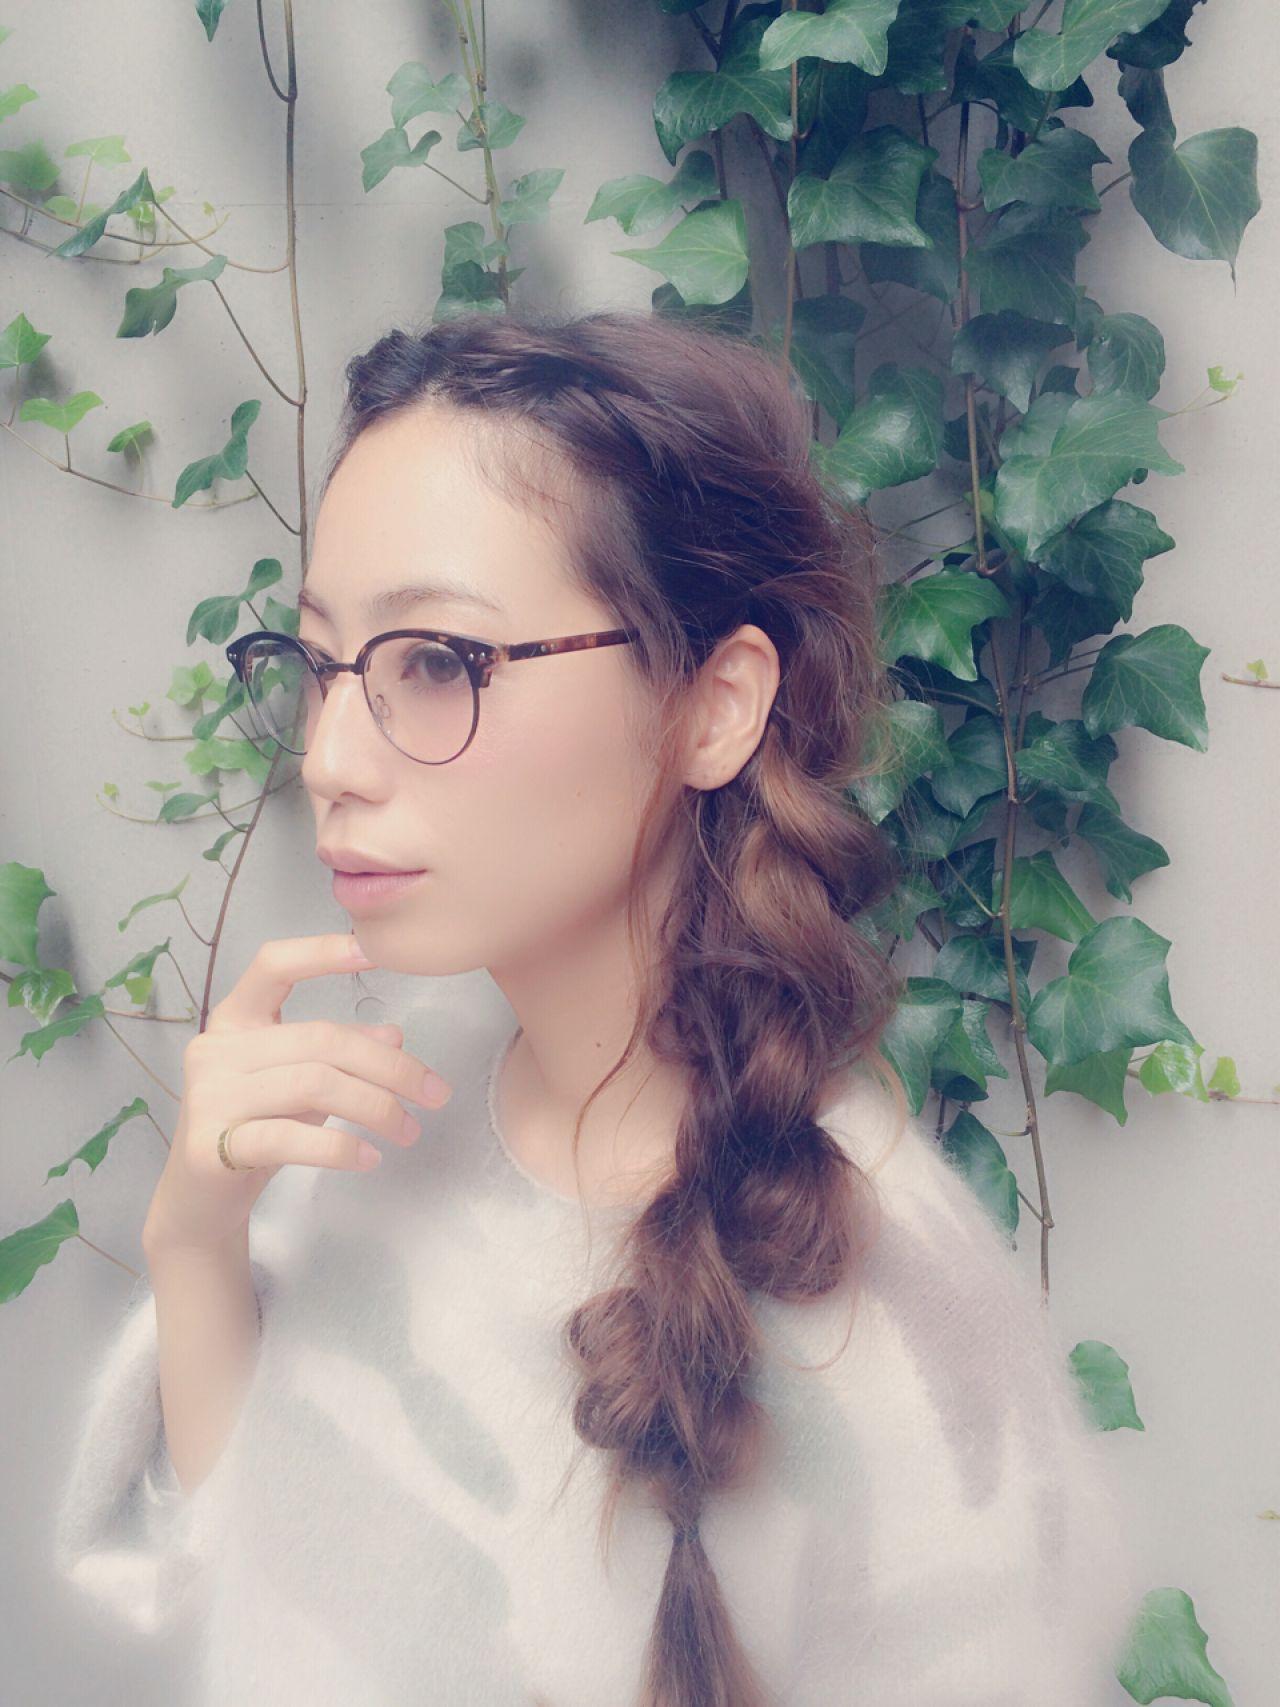 ロングのゆるめ三つ編みサイドアップ 伊藤沙織